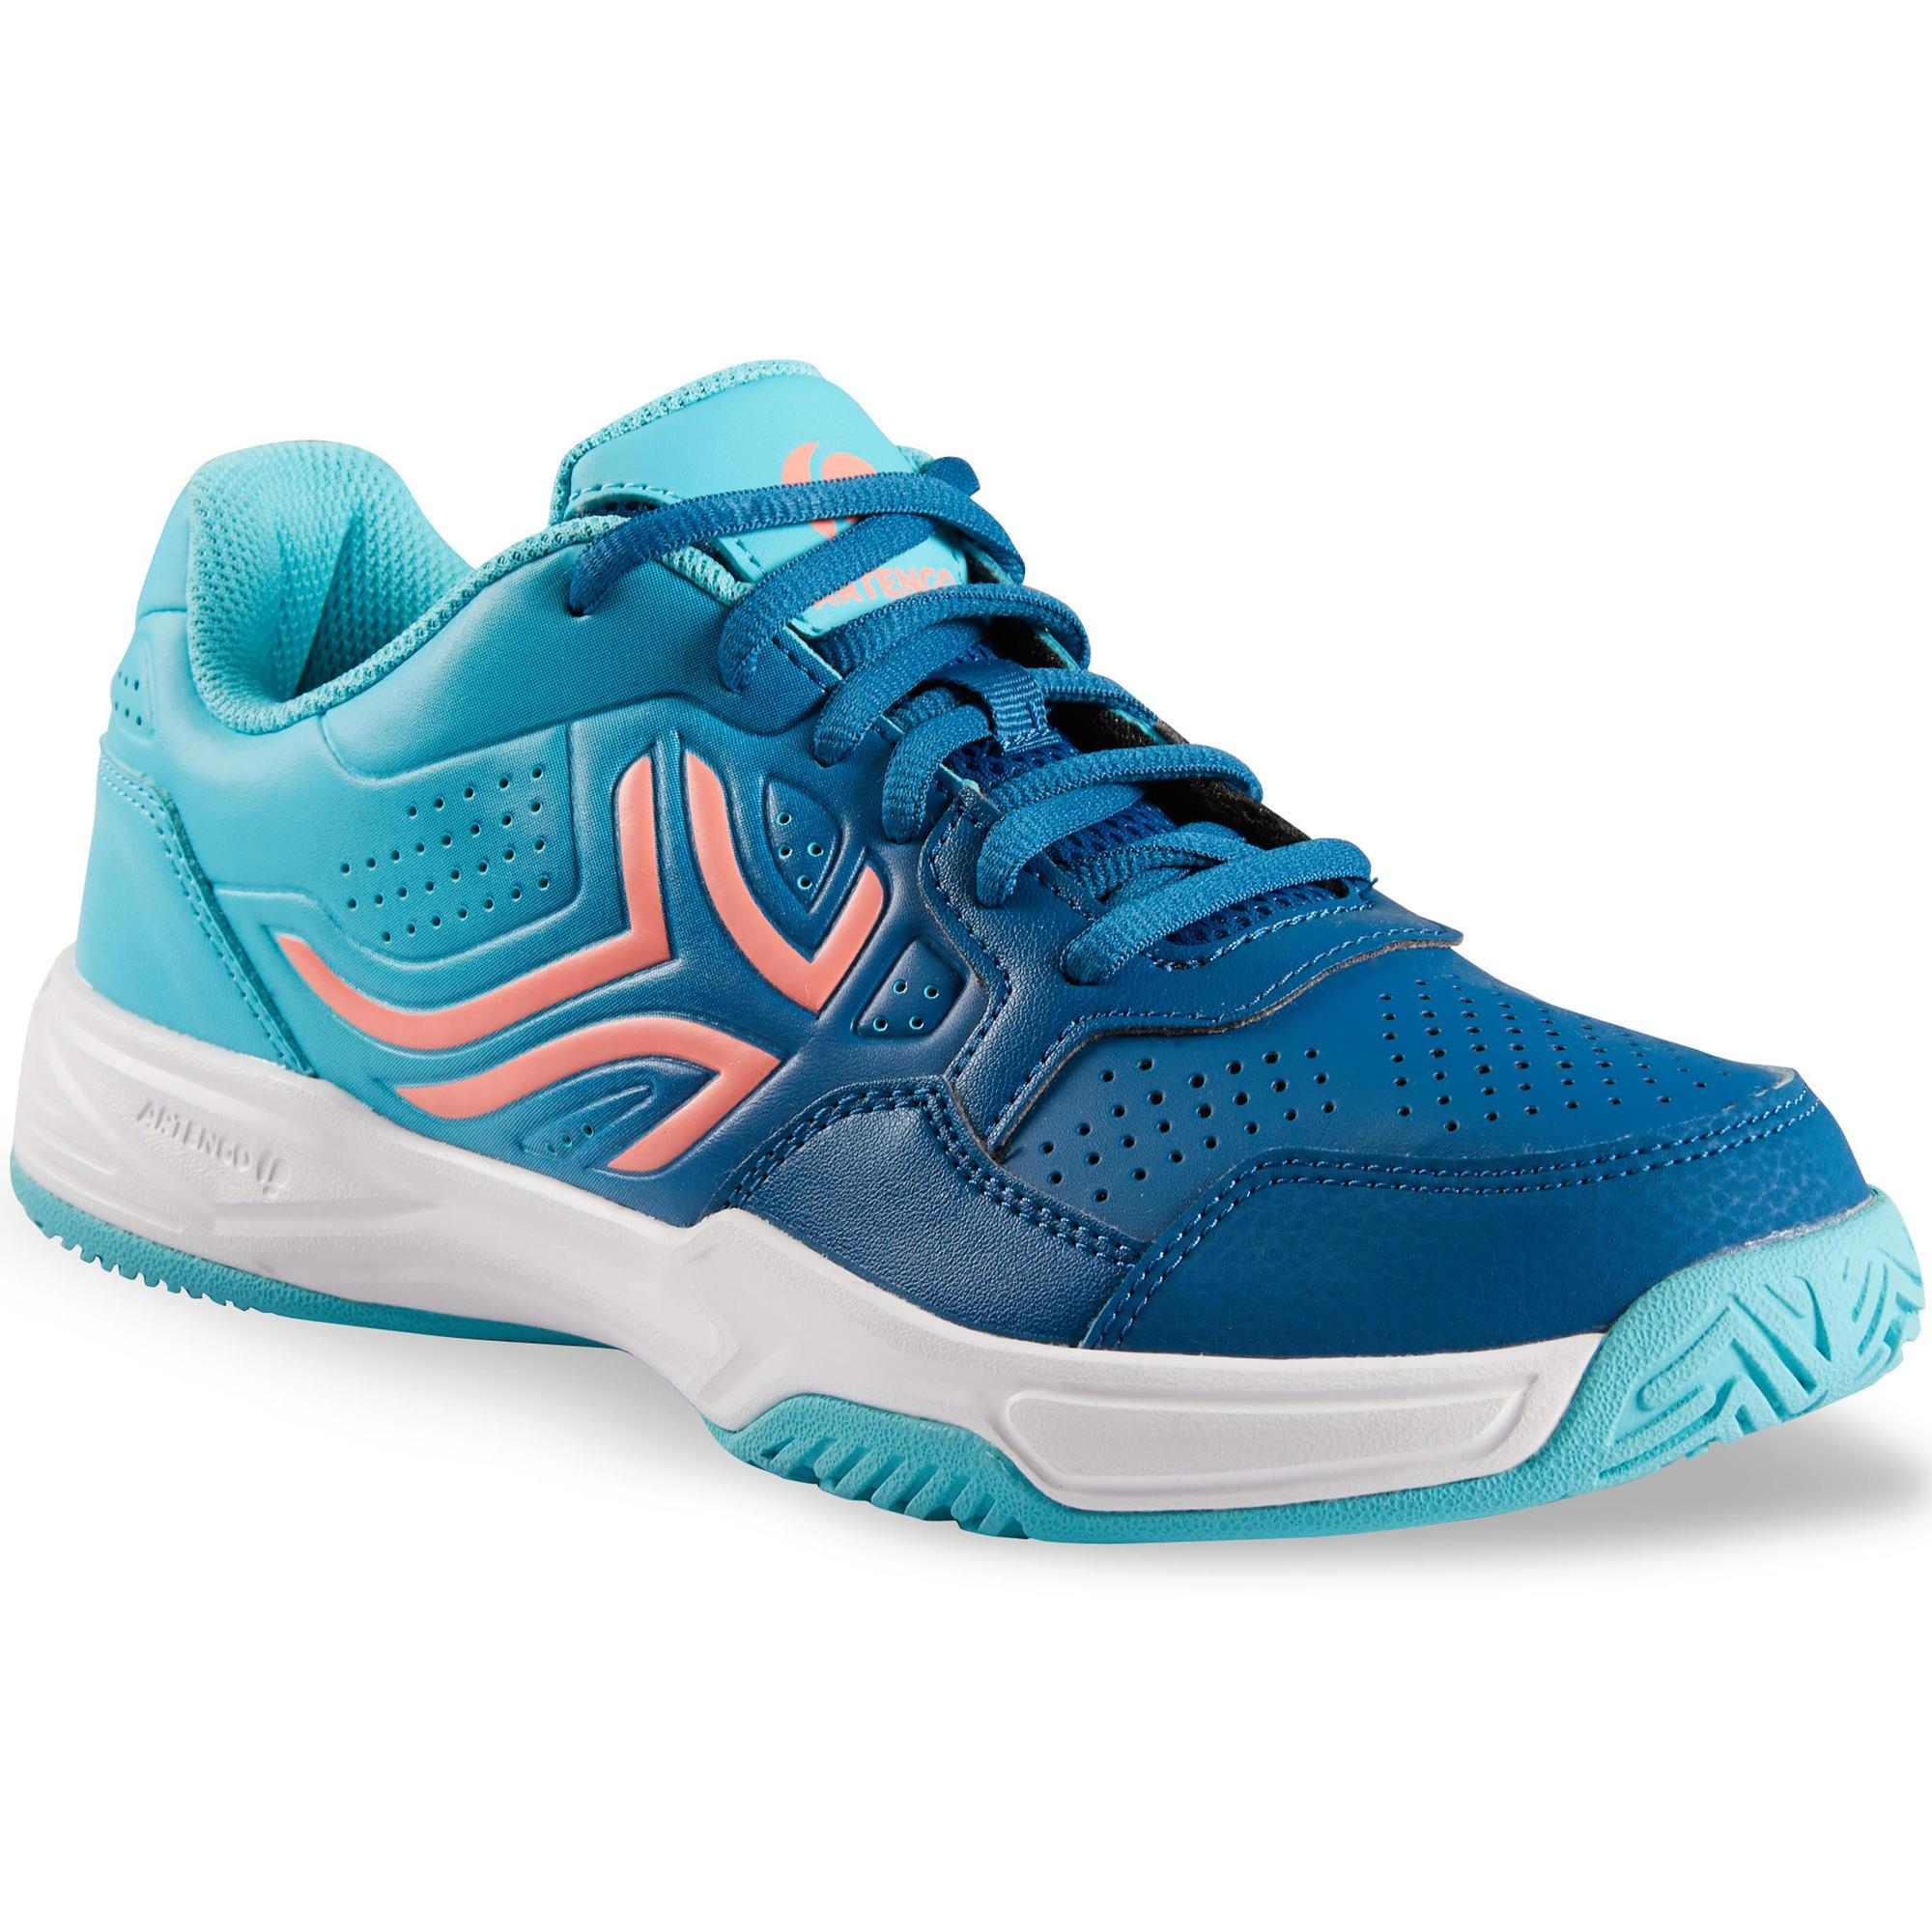 Artengo Tennisschoenen voor dames TS 190 turquoise